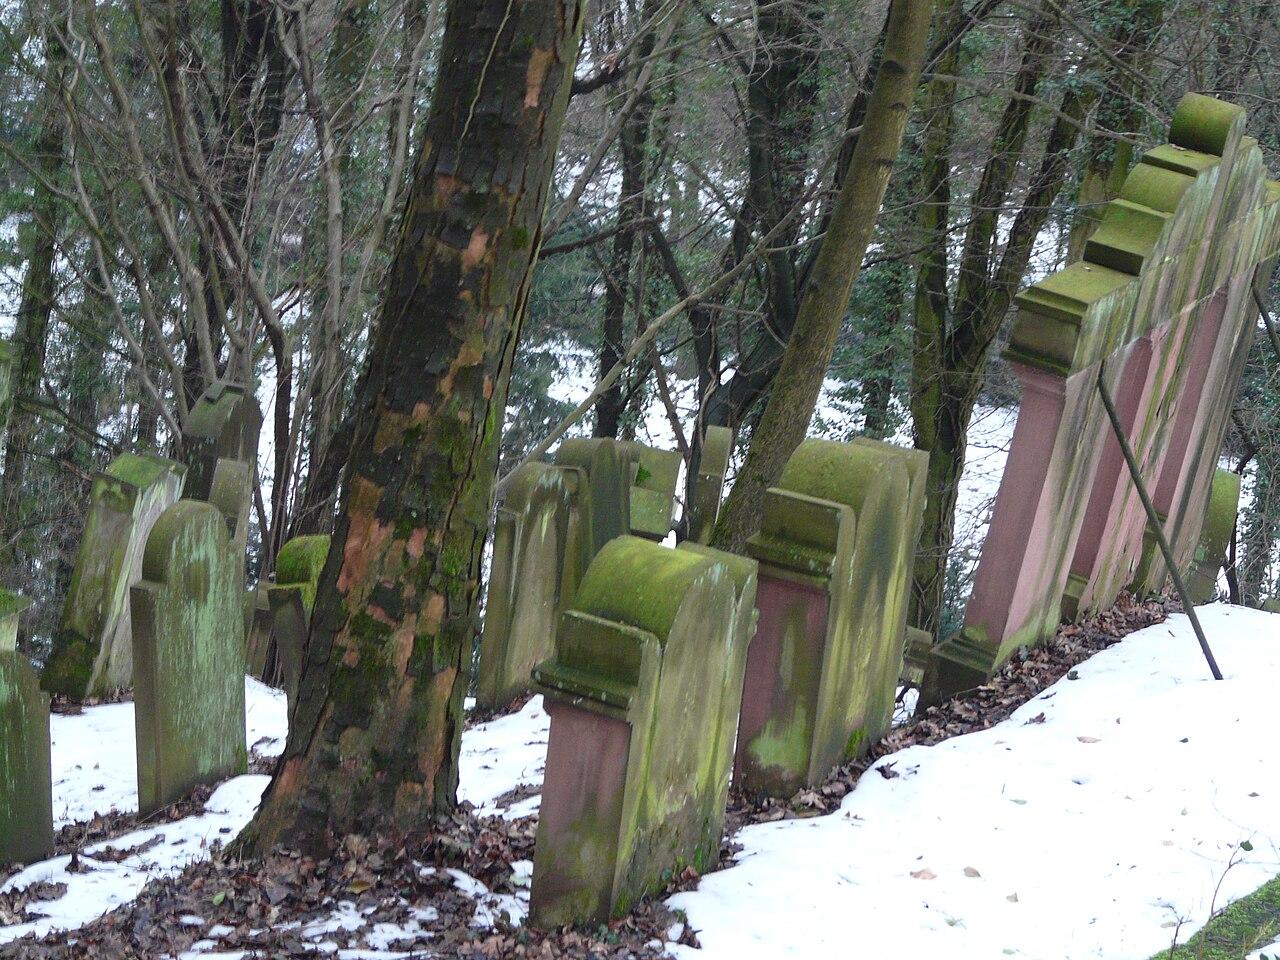 Juedischer Friedhof Hemsbach 15 fcm.jpg